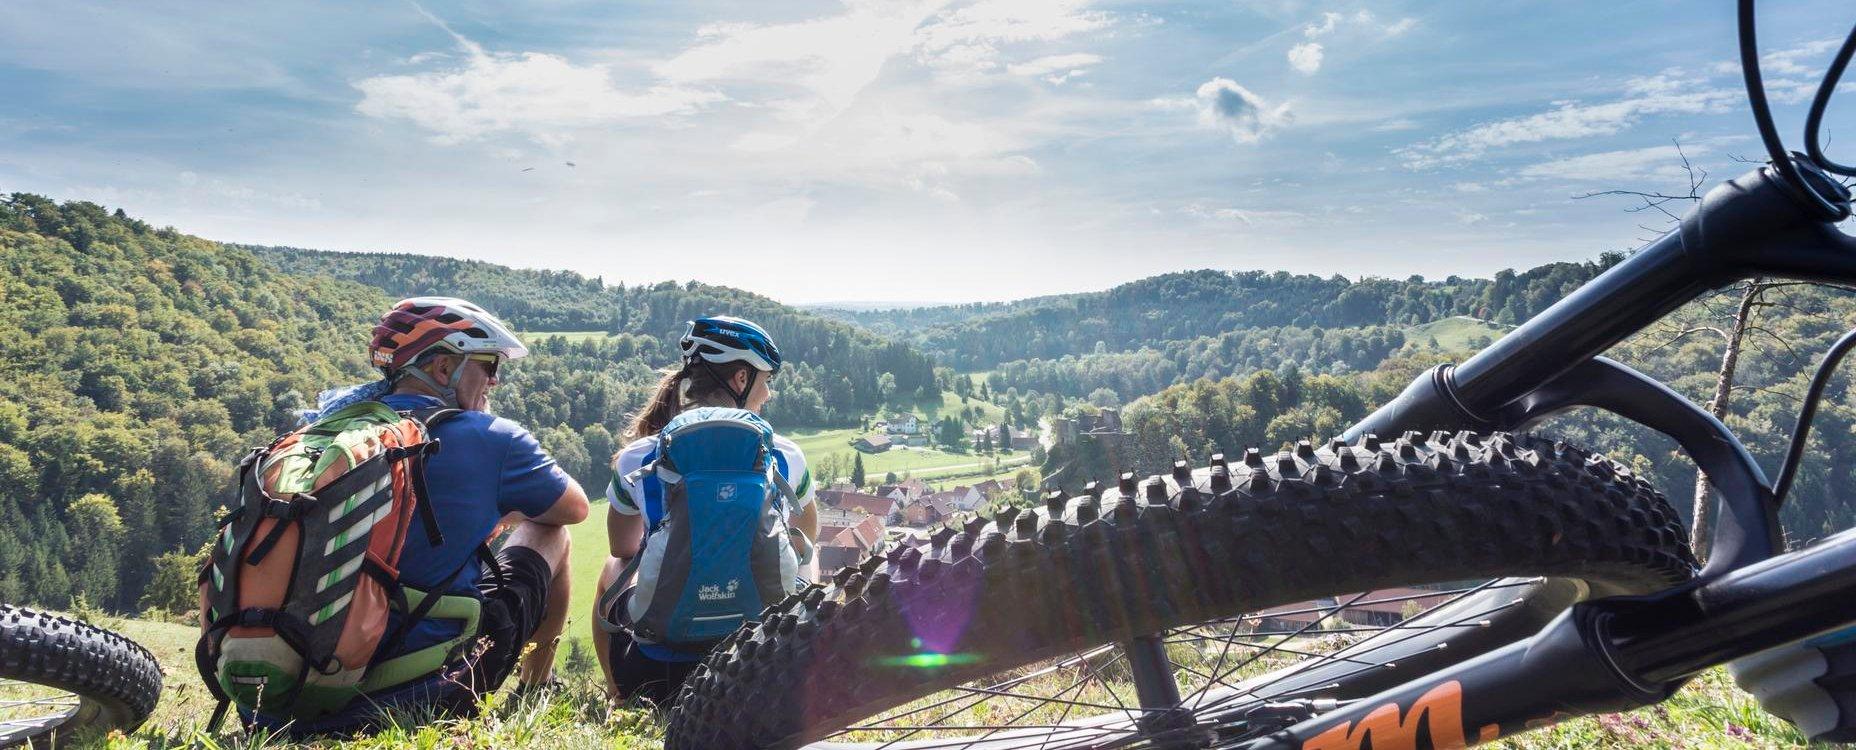 Zwei Radfahrer*innen sitzen auf einem Hügel und blicken lächelnd ins Tal. Im Vordergrund liegt ein Mountainbike. Der Himmel ist strahlend blau und die Farben leuchten.